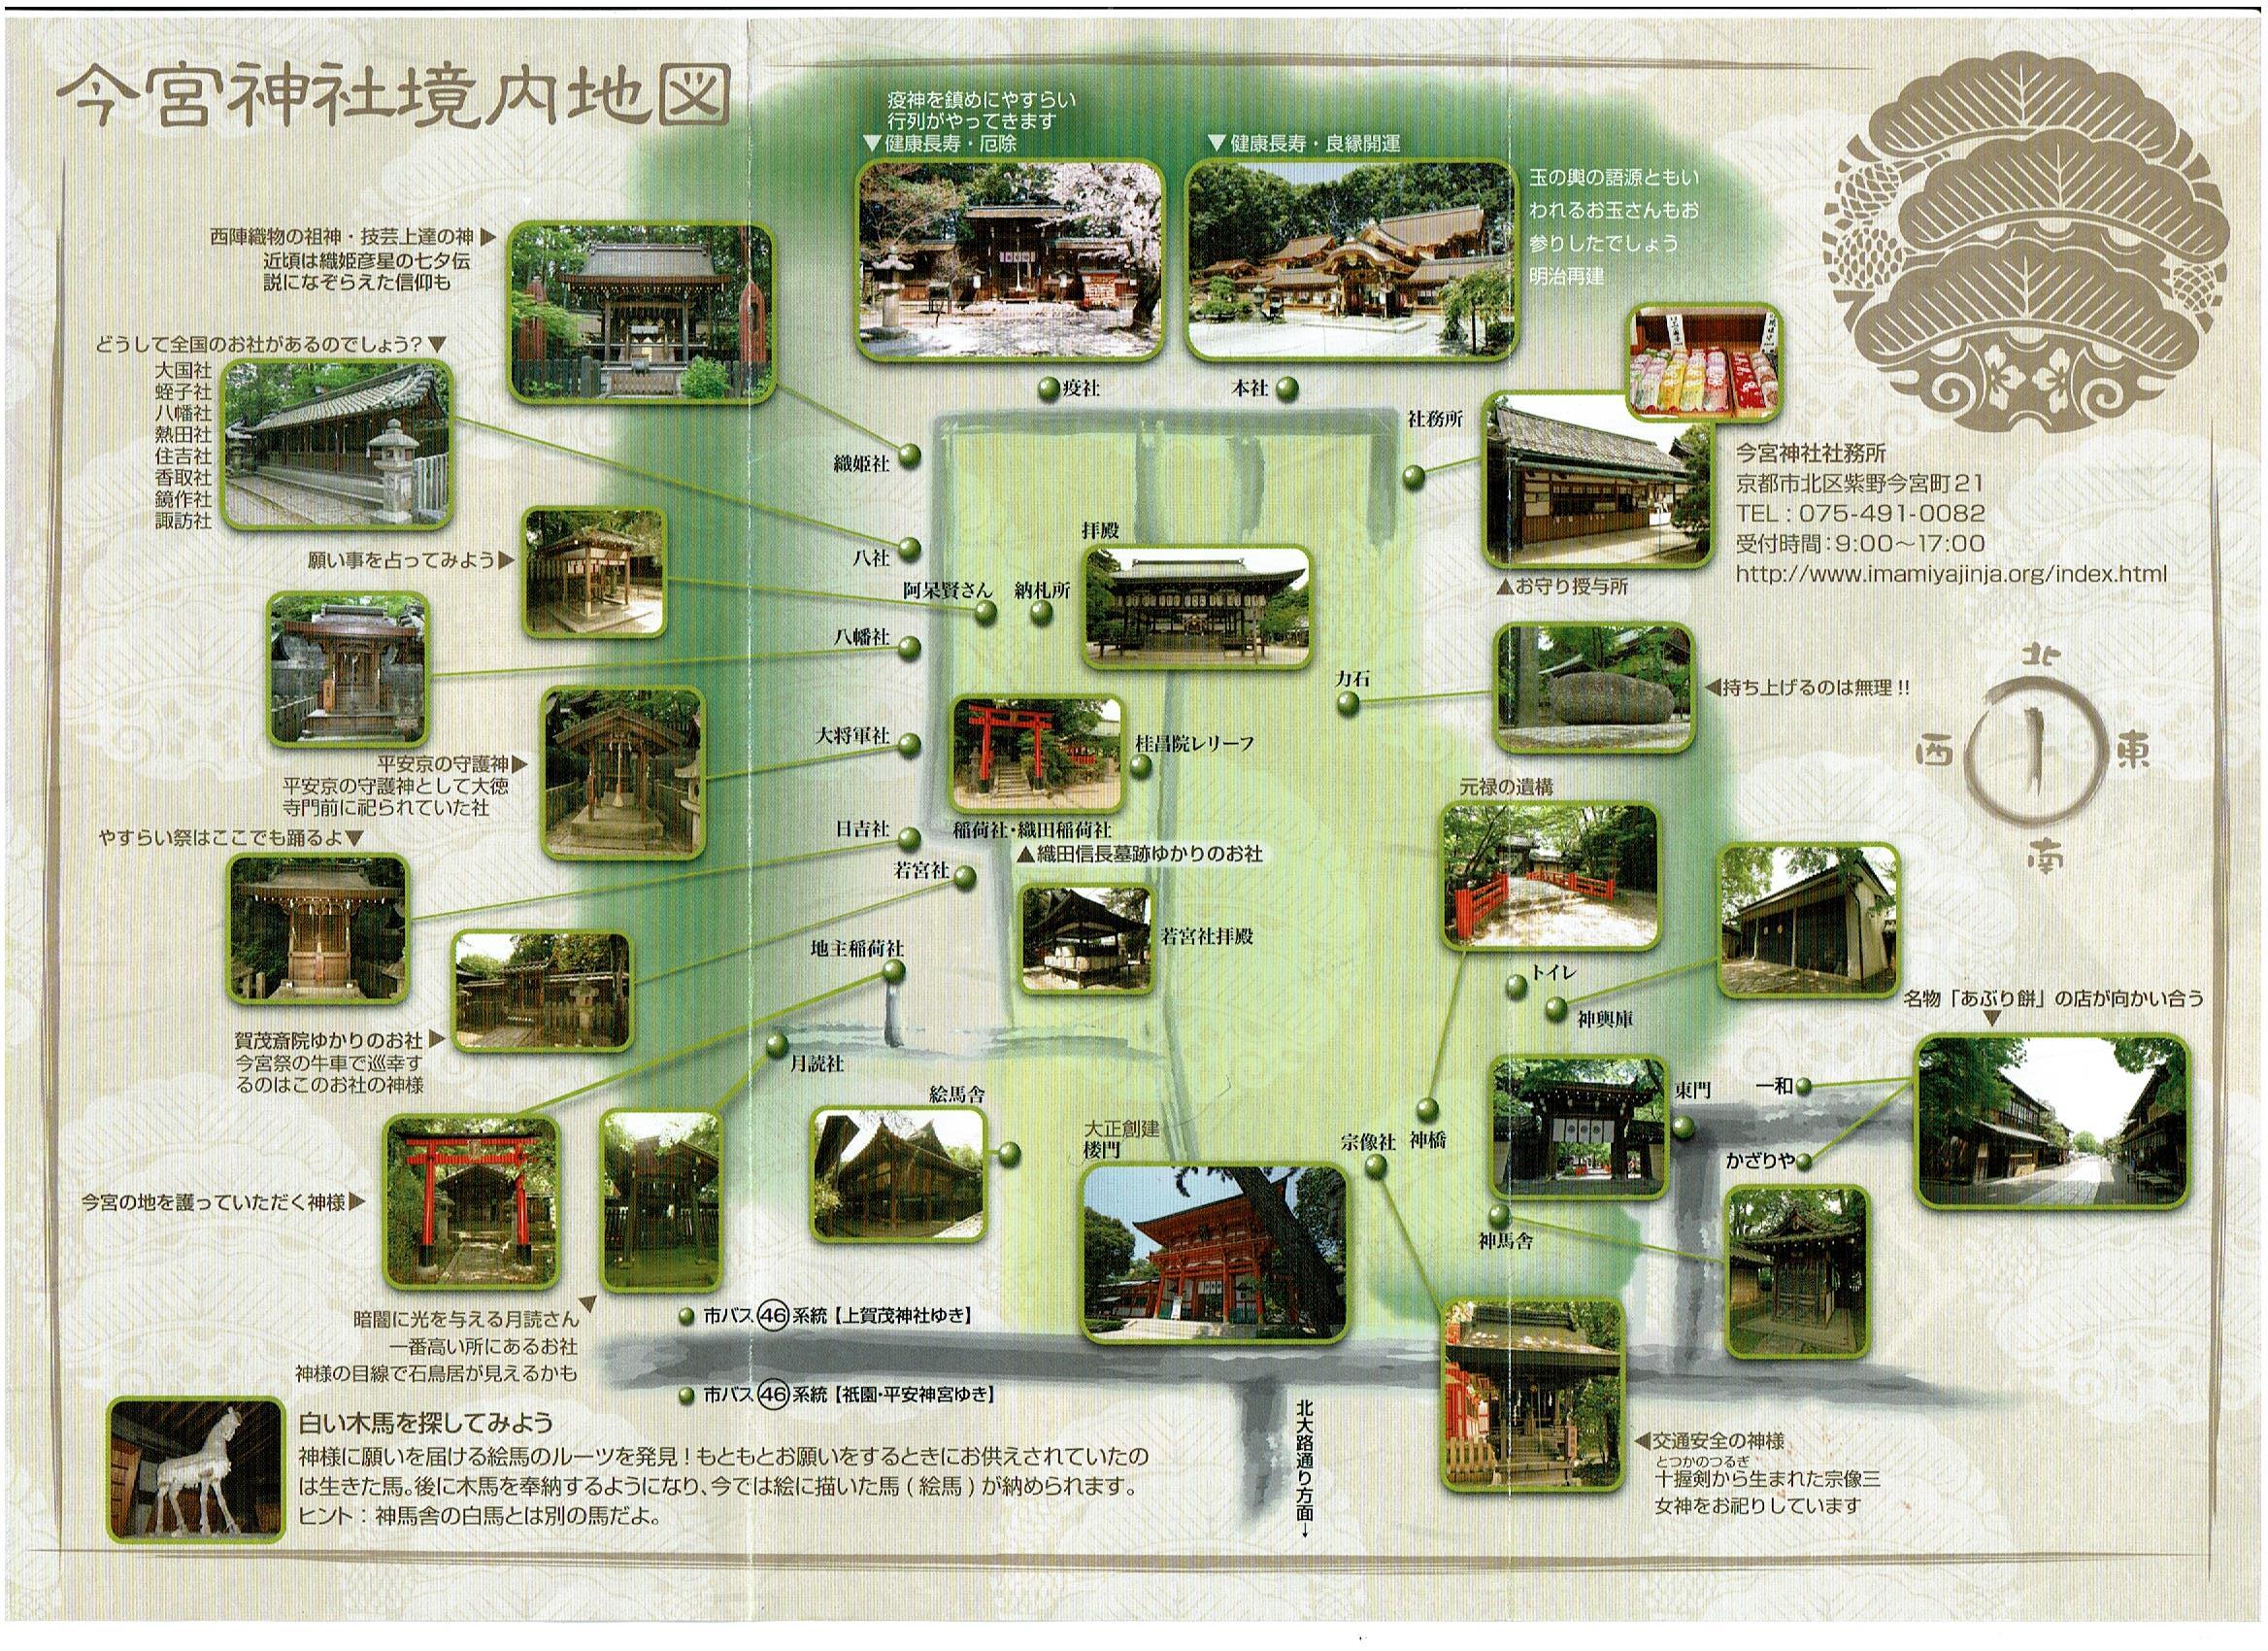 京都の今宮神社の境内と周辺の地図